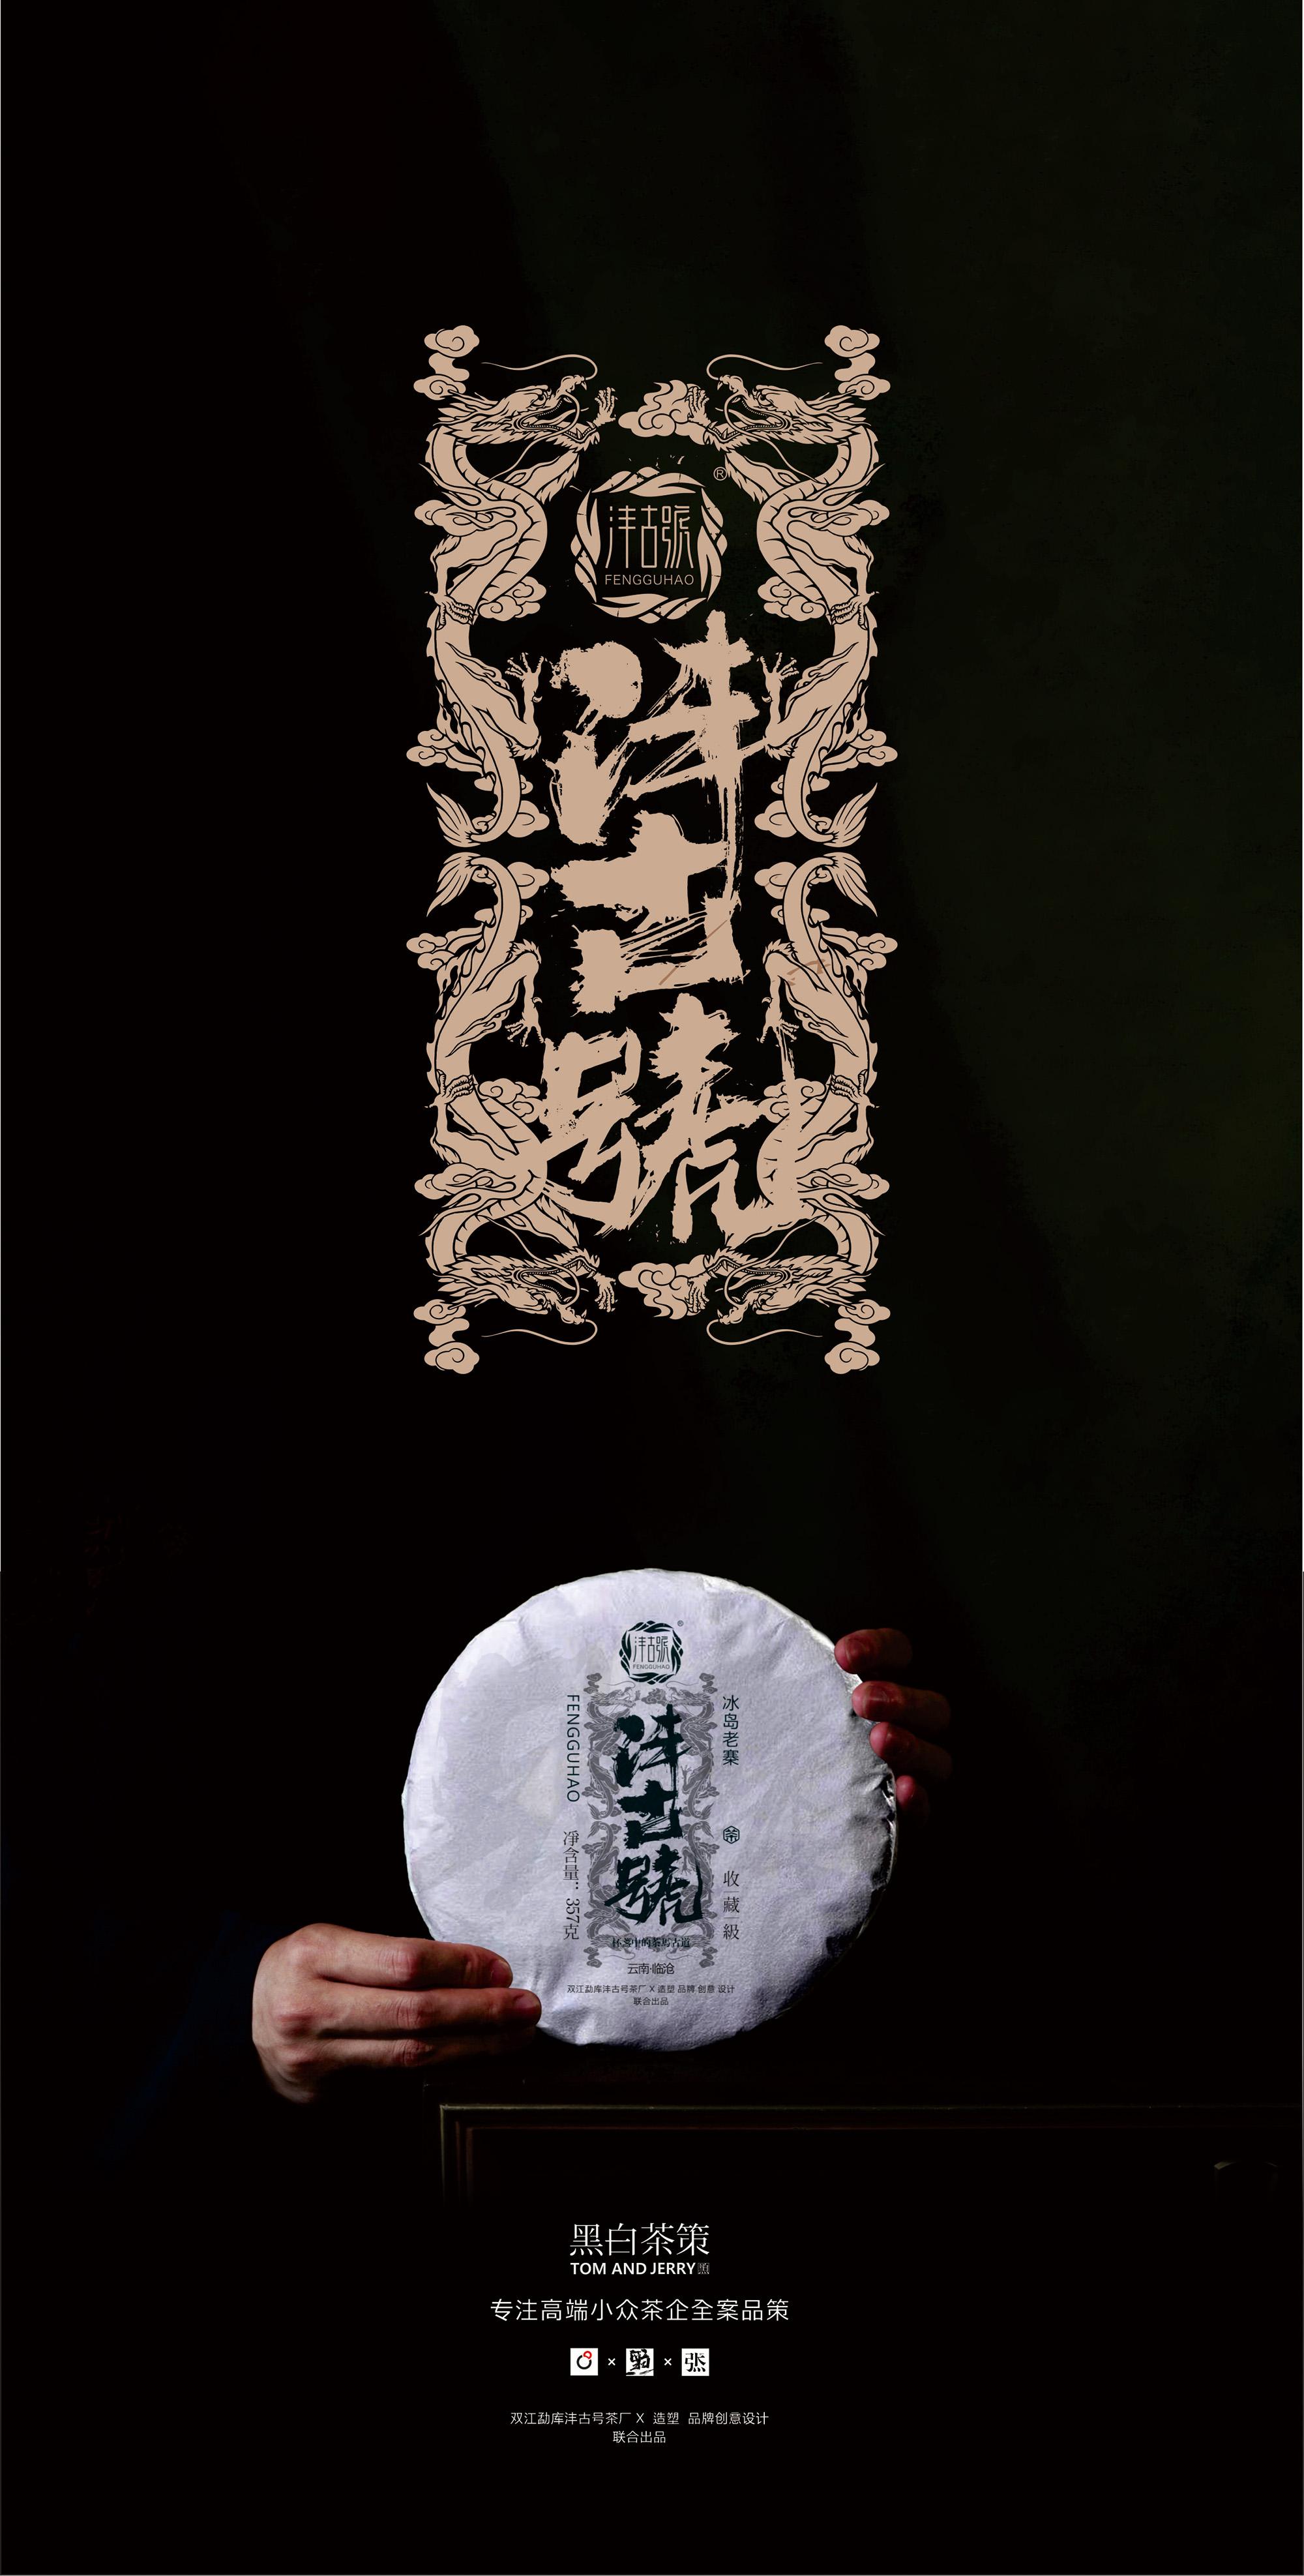 造塑创意 x 黑白茶策 沣古号冰岛老寨包装设计